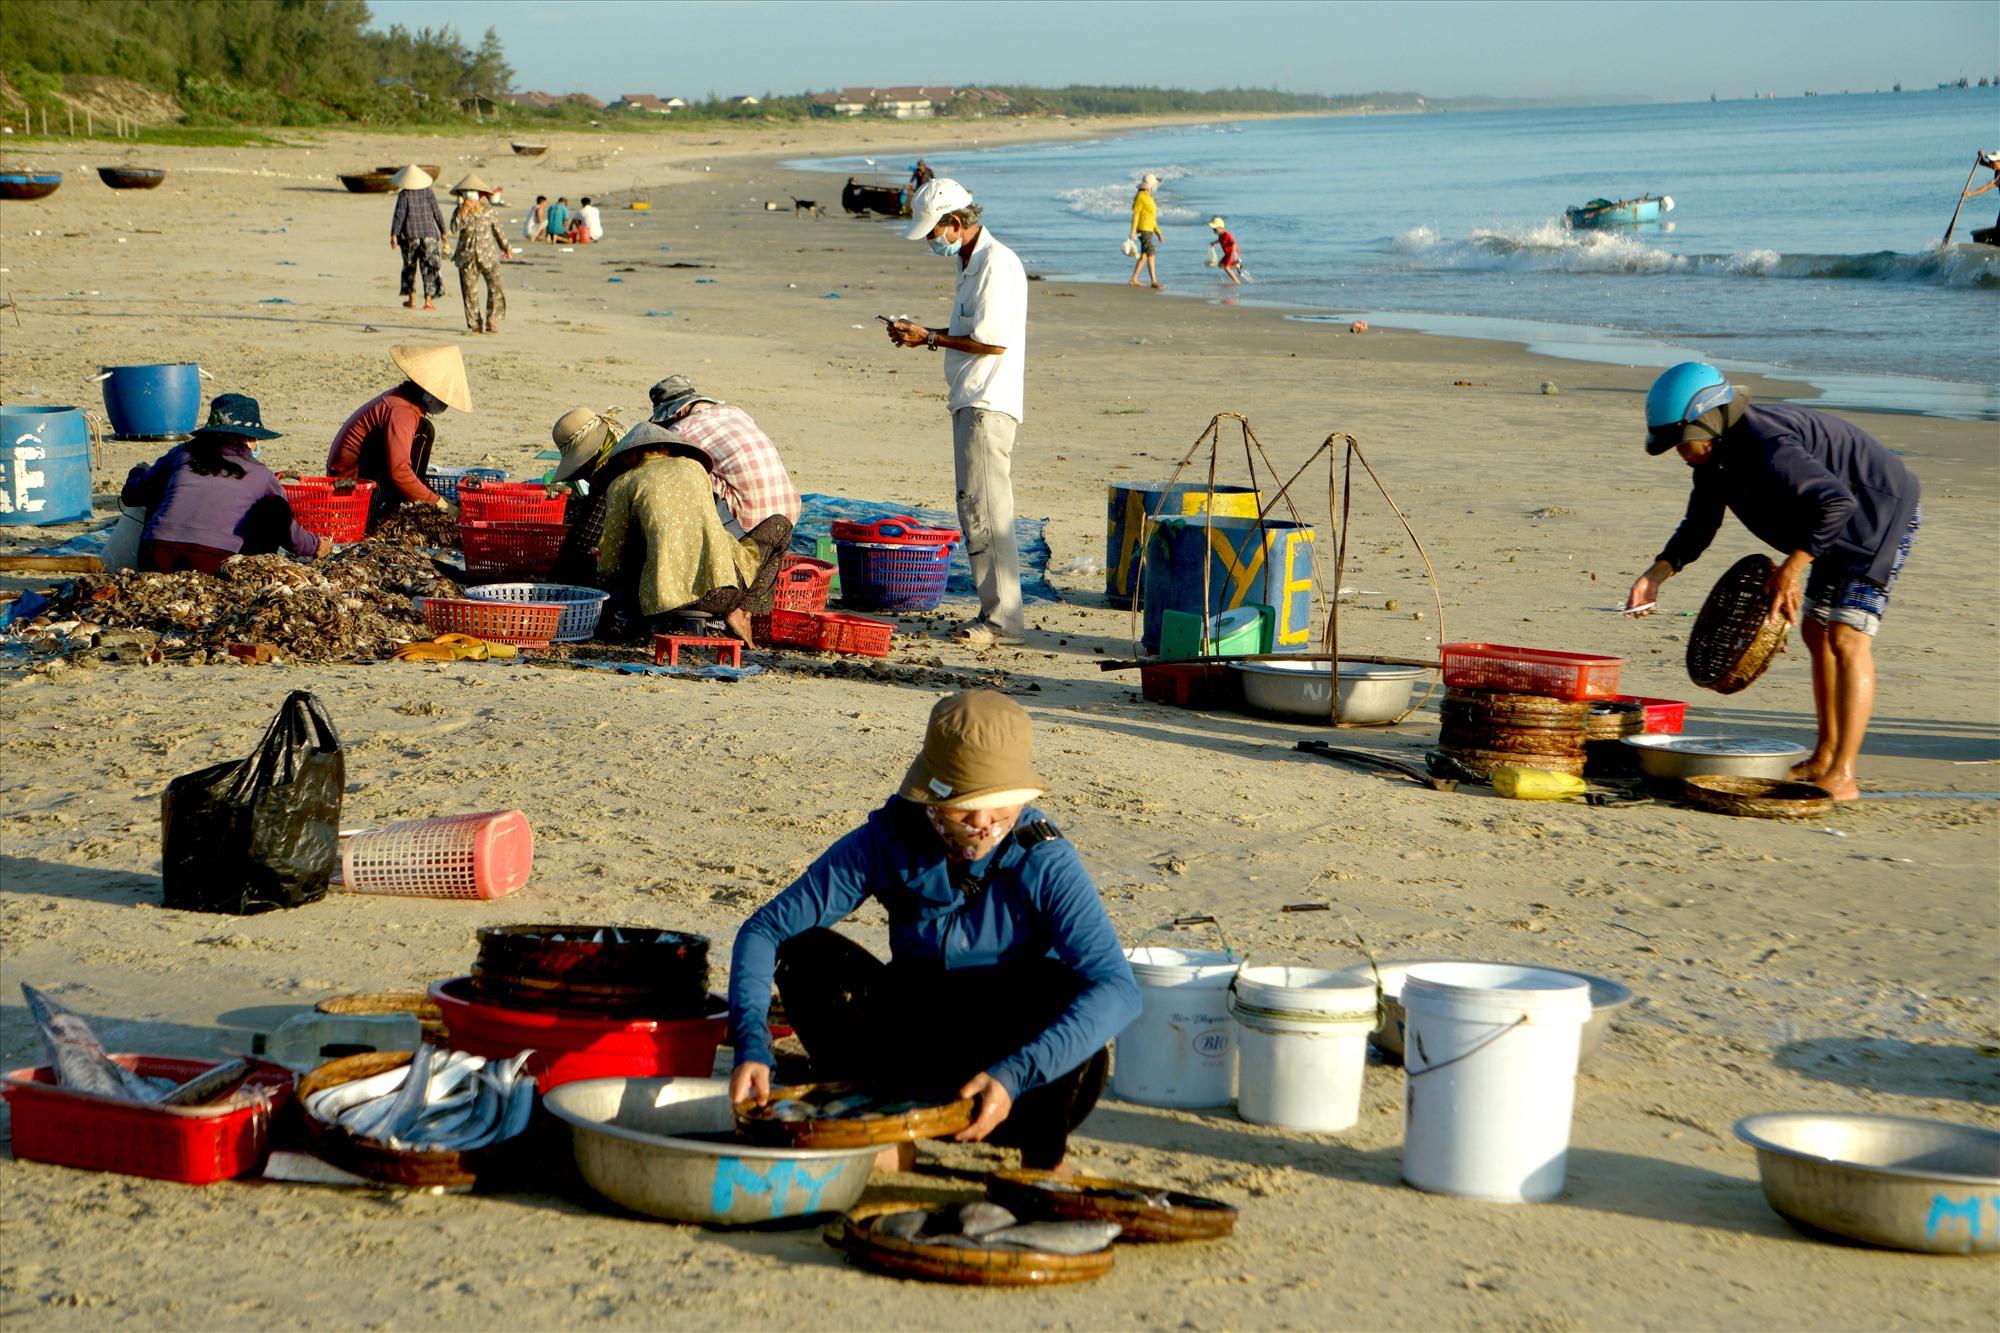 Tại chợ cá, các thương lái đều đeo khẩu trang để tự bảo vệ mình và mọi người . Ảnh: N.ĐIỆN NGỌC